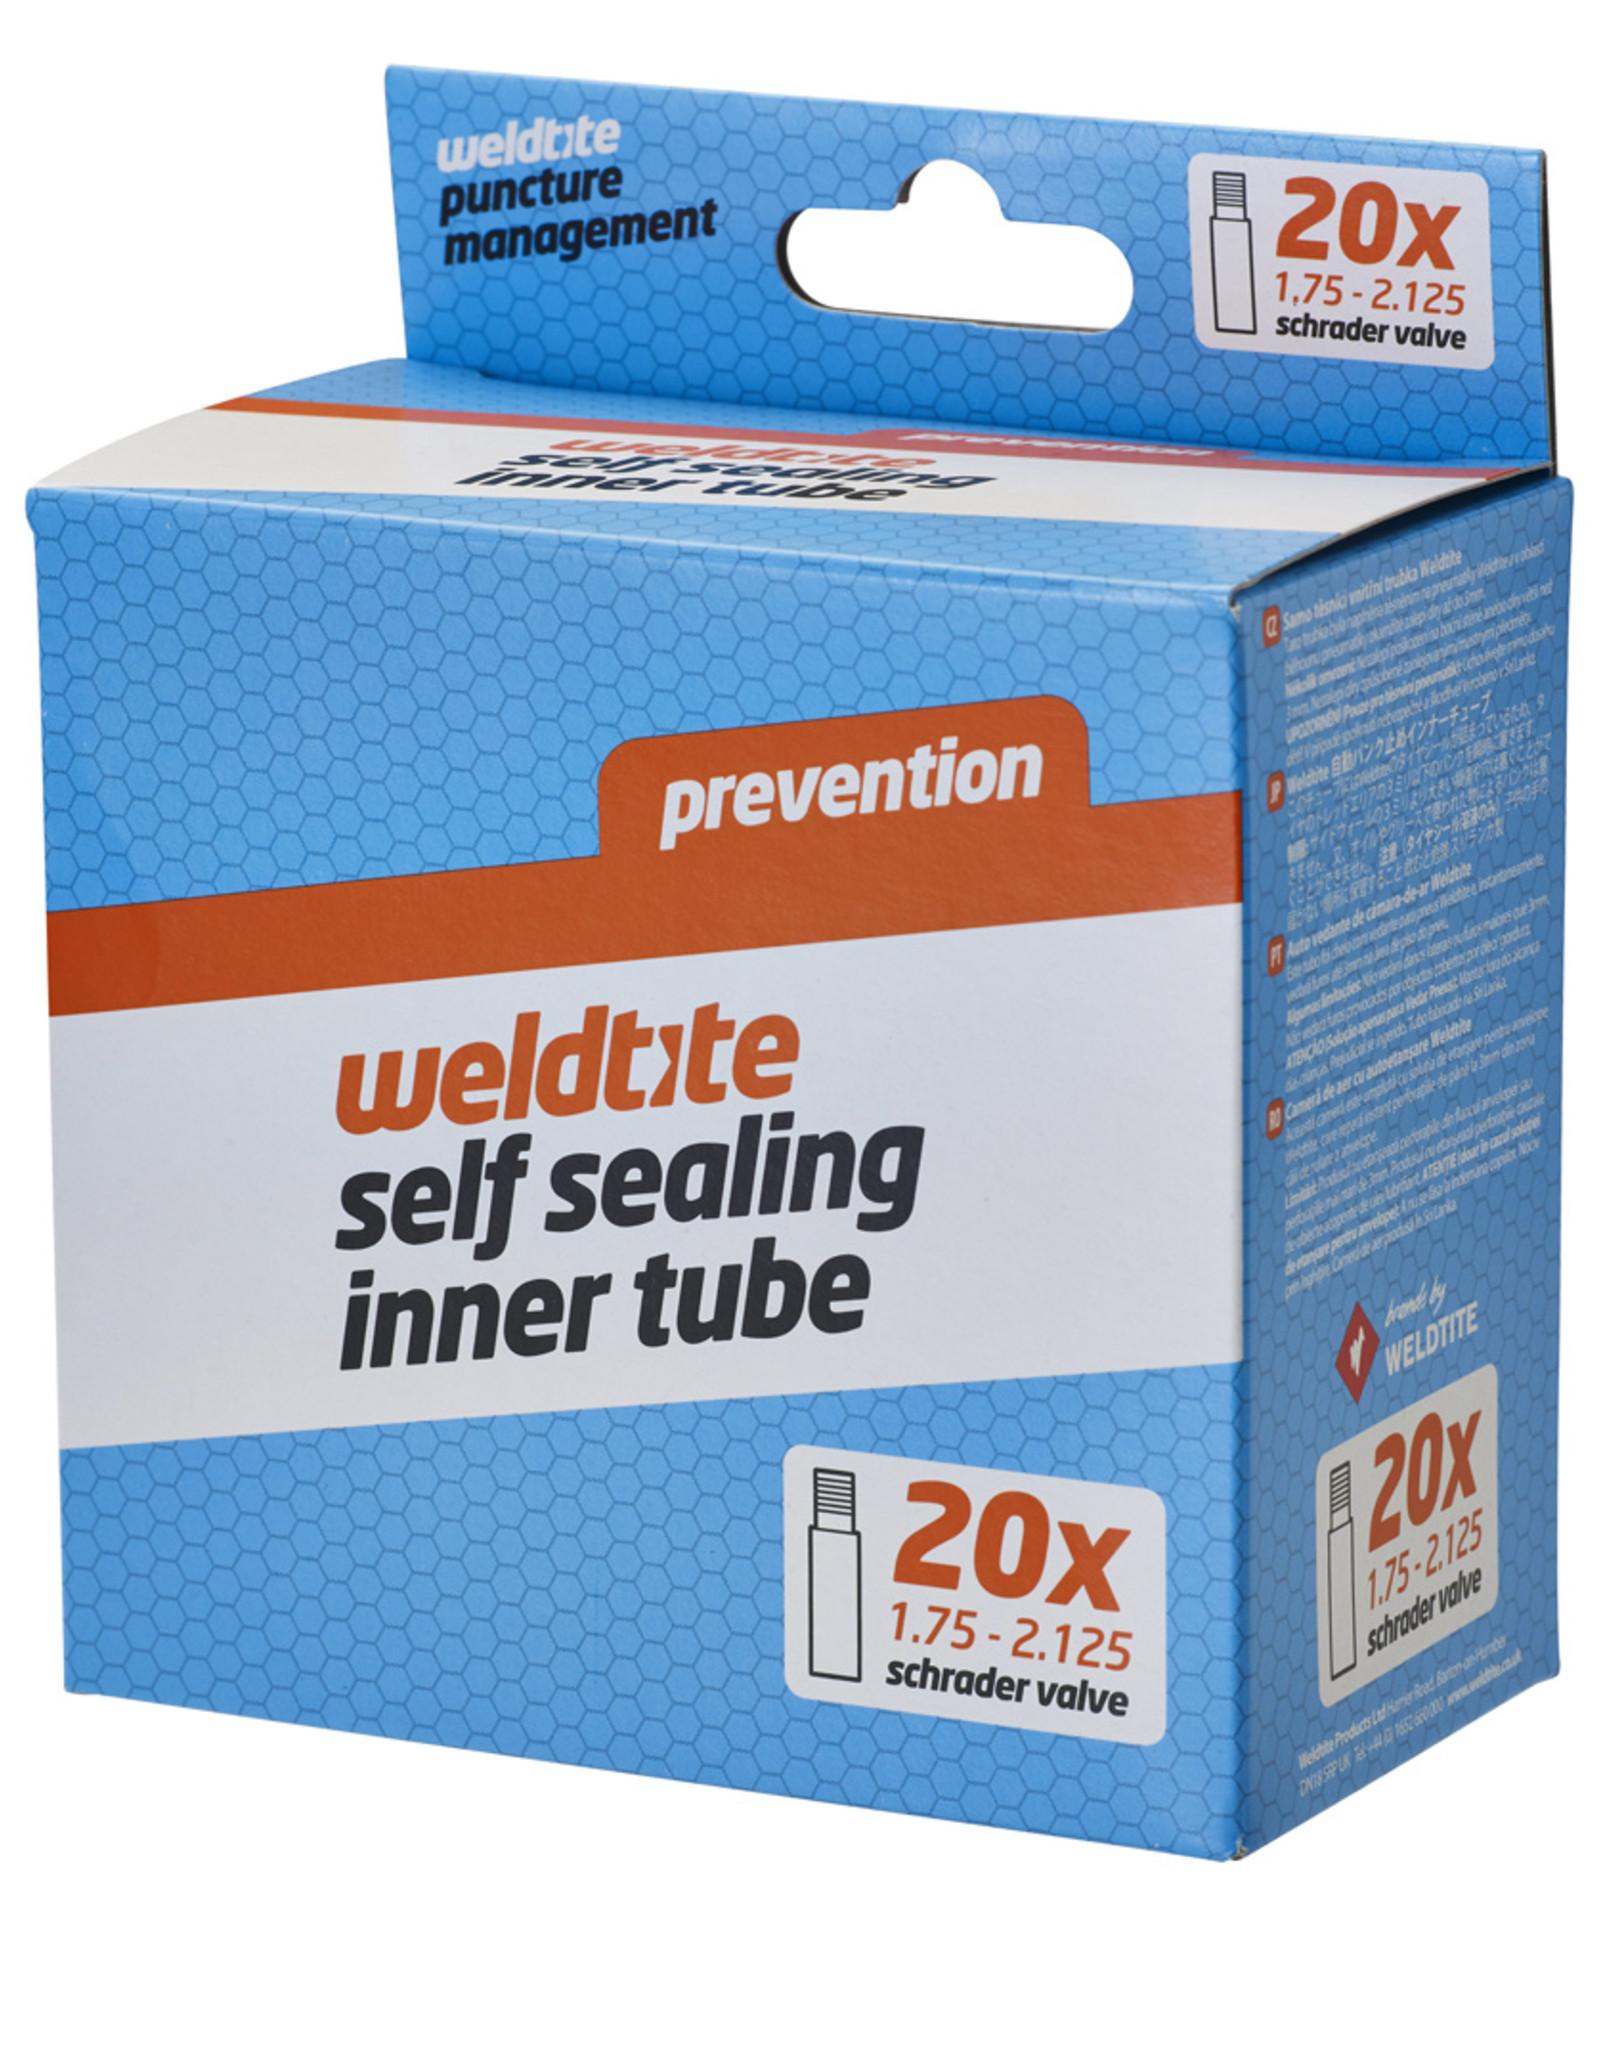 Weldtite Self Sealing Inner Tube - 20 x 1.75 - 2.125��� - Schrader